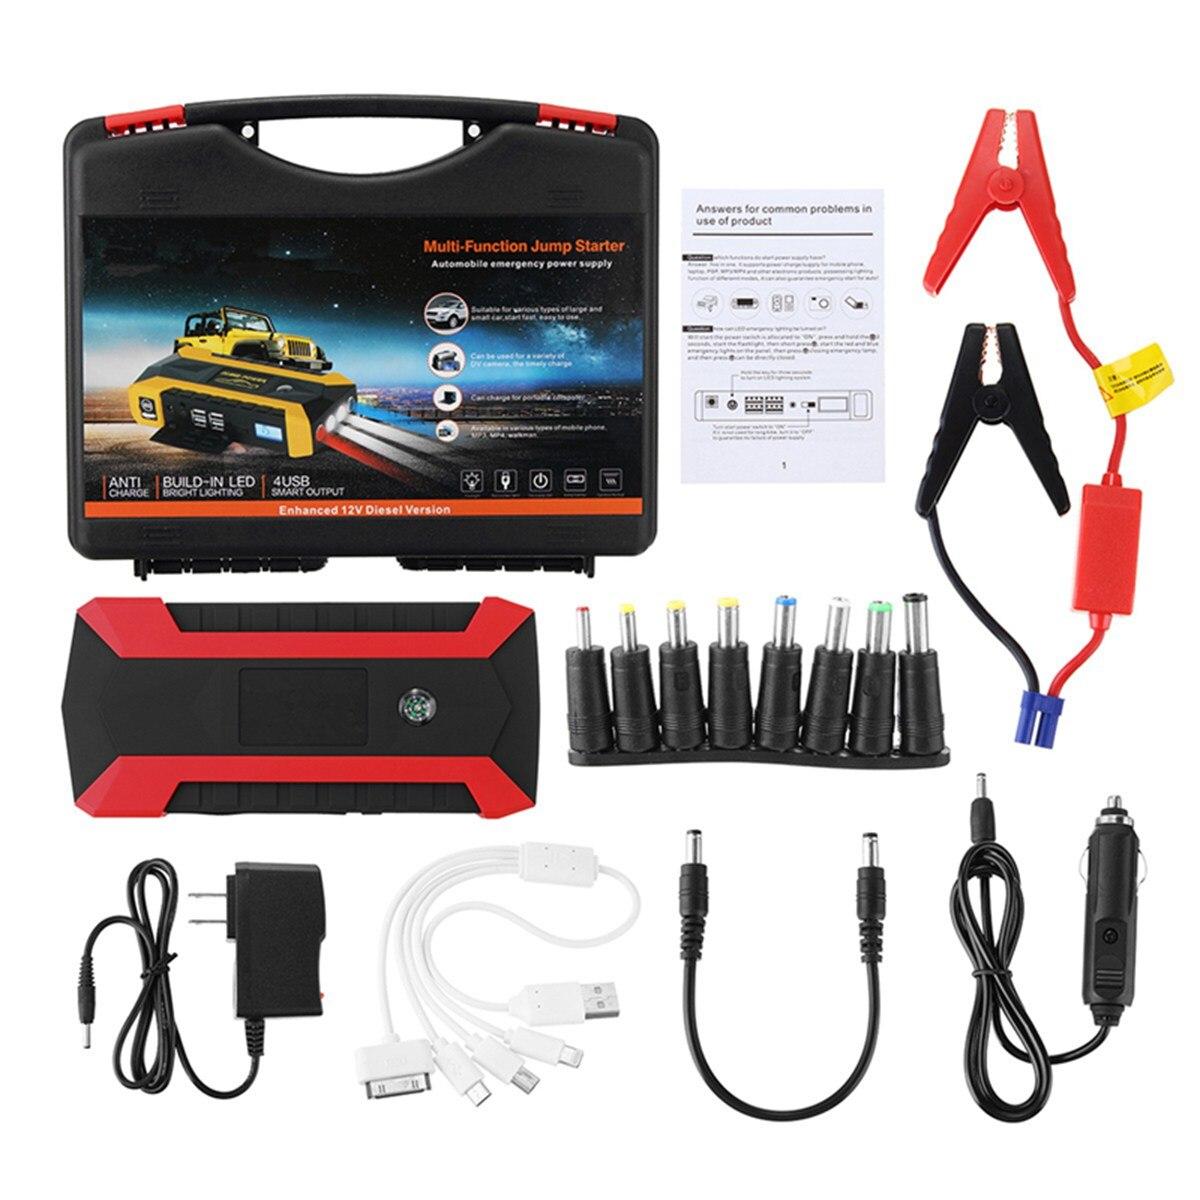 Démarreur de saut 89800 mAh chargeur de voiture multifonction démarreur de saut de batterie 4USB lumière LED Kit de batterie externe Mobile d'urgence automatique 600A